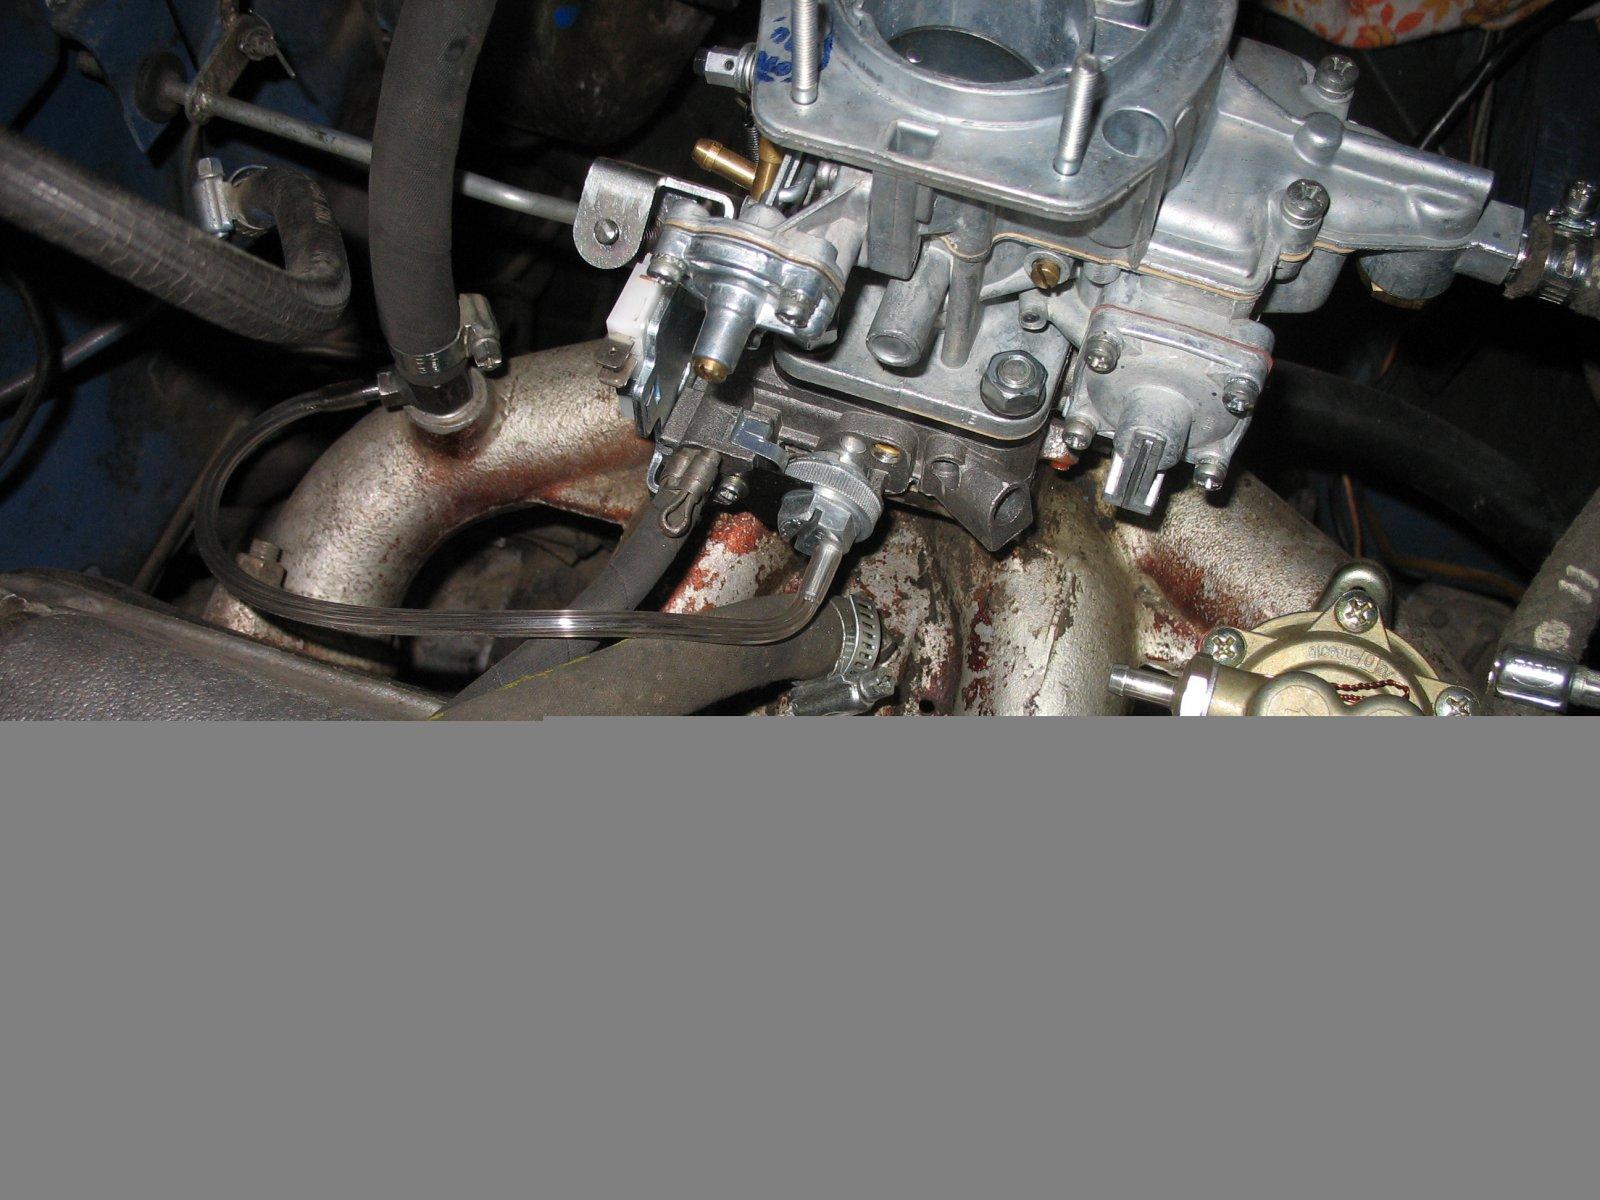 Фото №11 - не развивает обороты ВАЗ 2110 инжектор